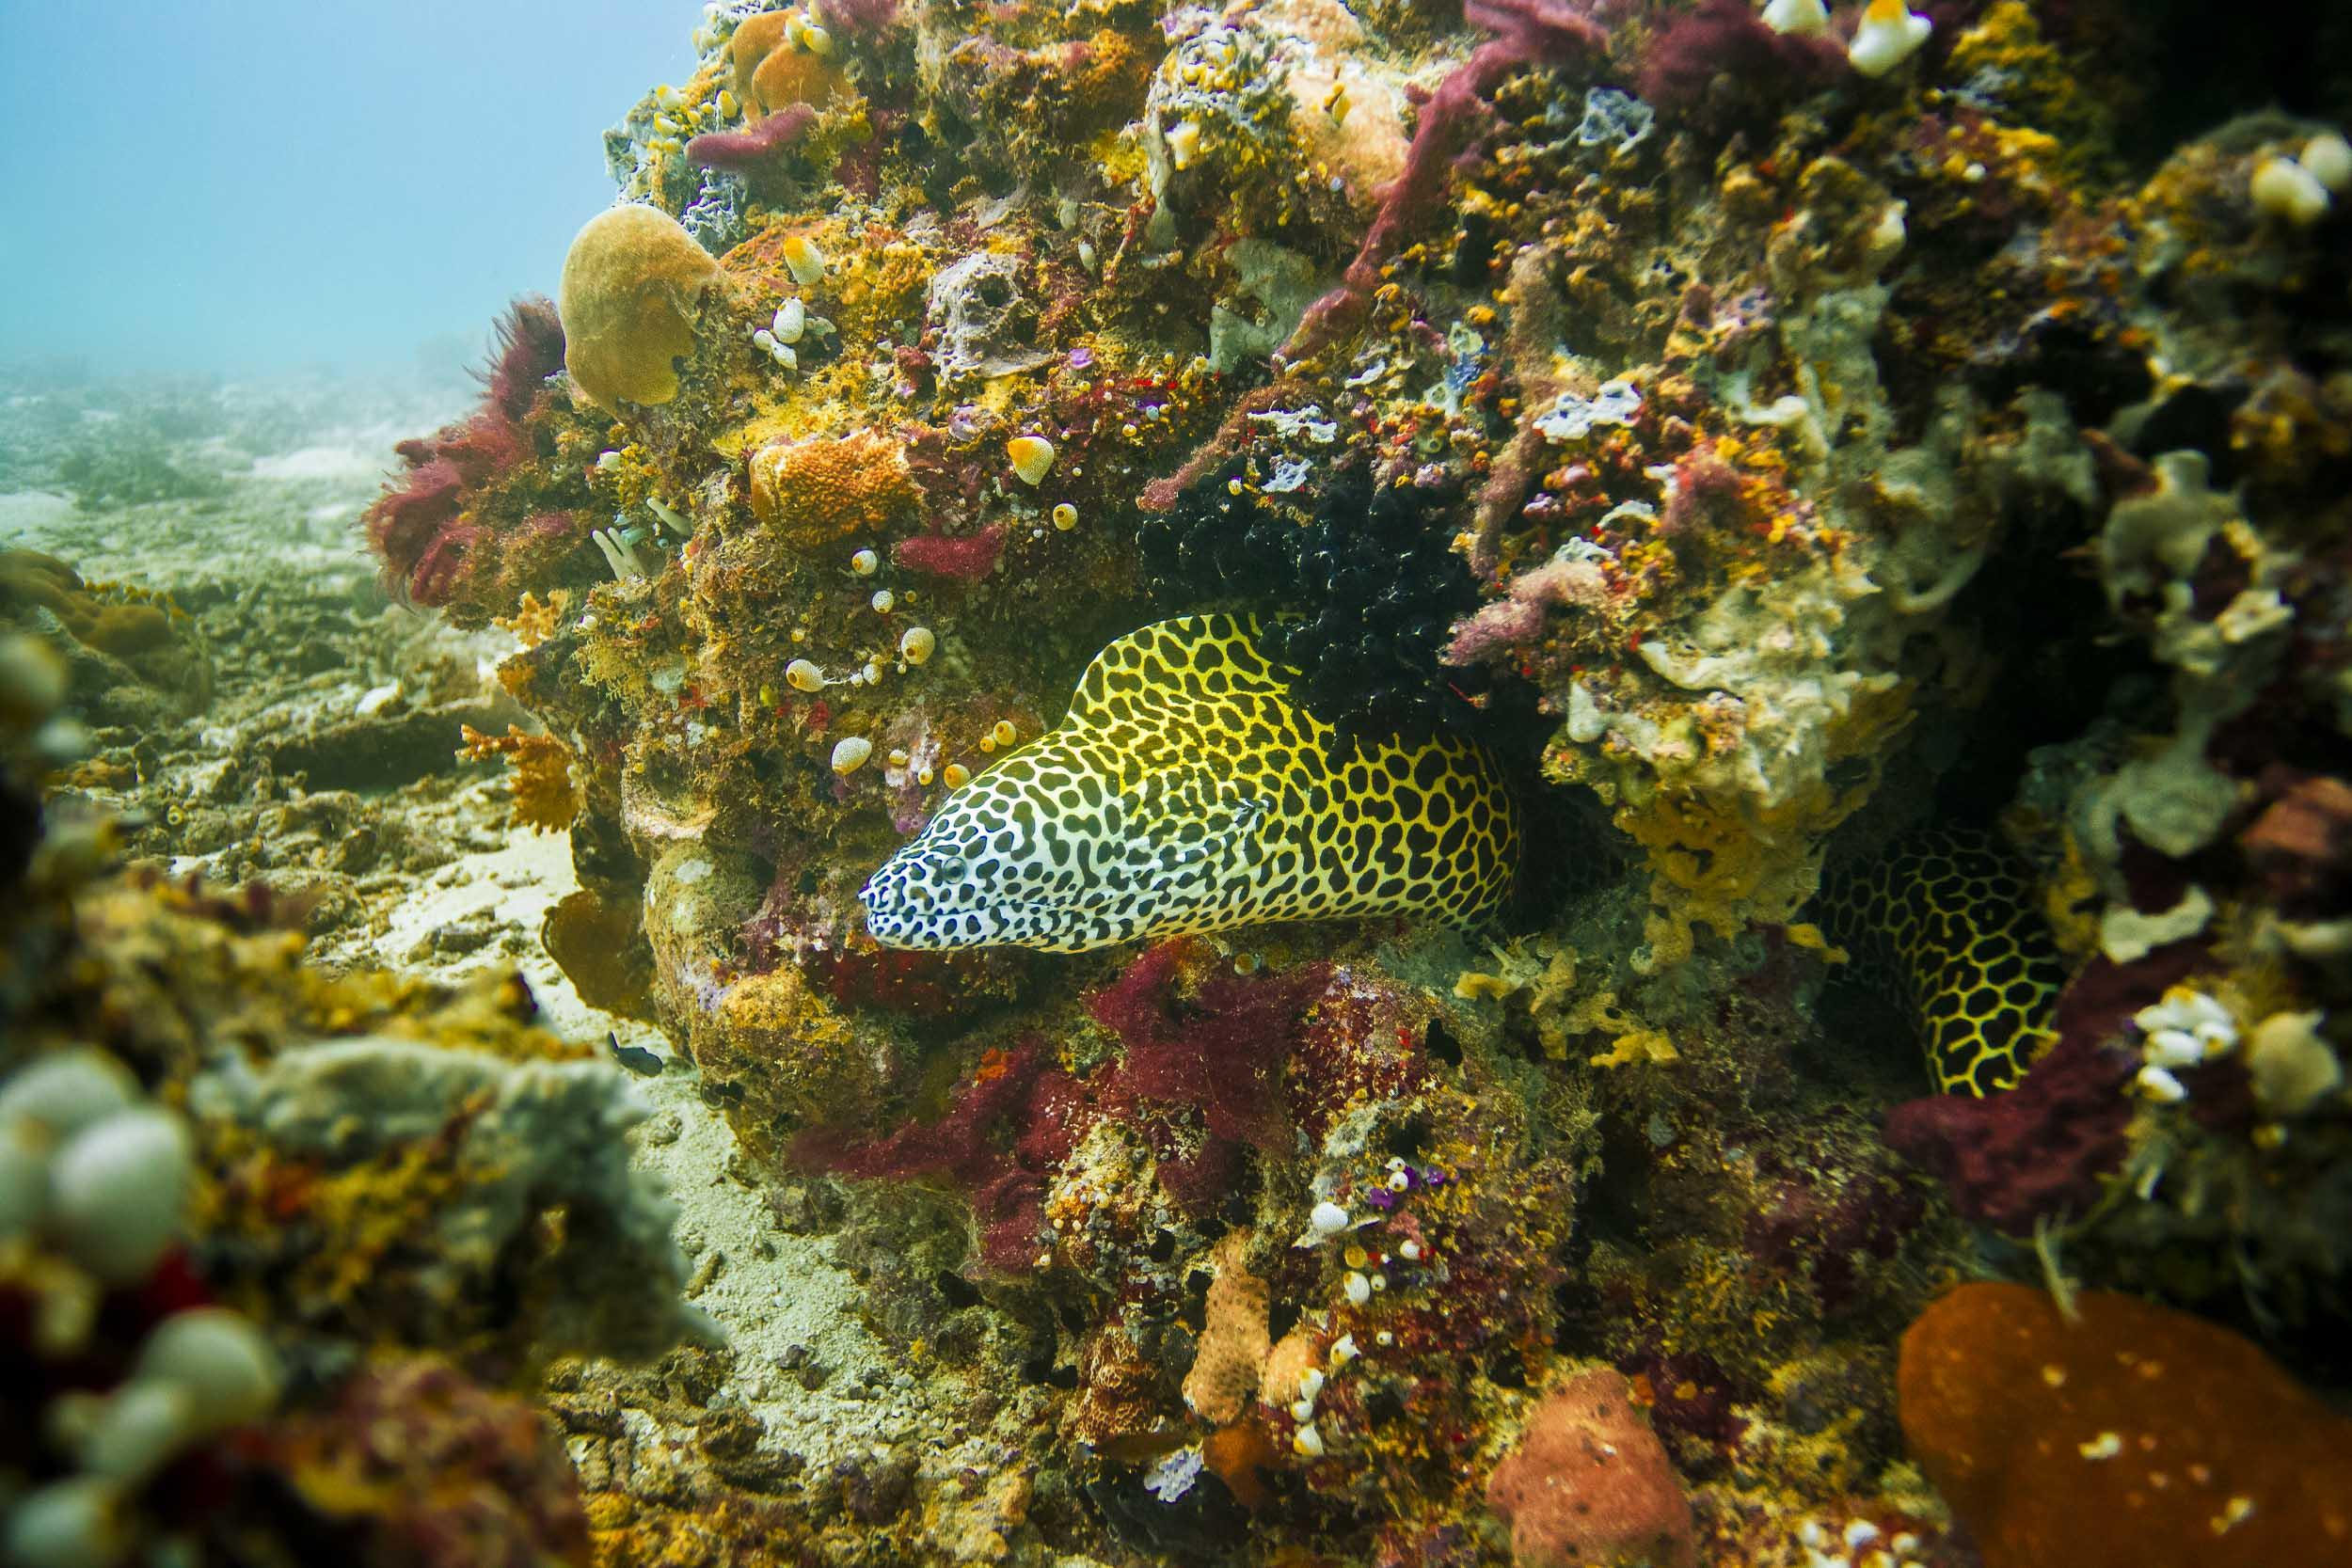 maldives-underwater-reef-fish-marine-6.jpg